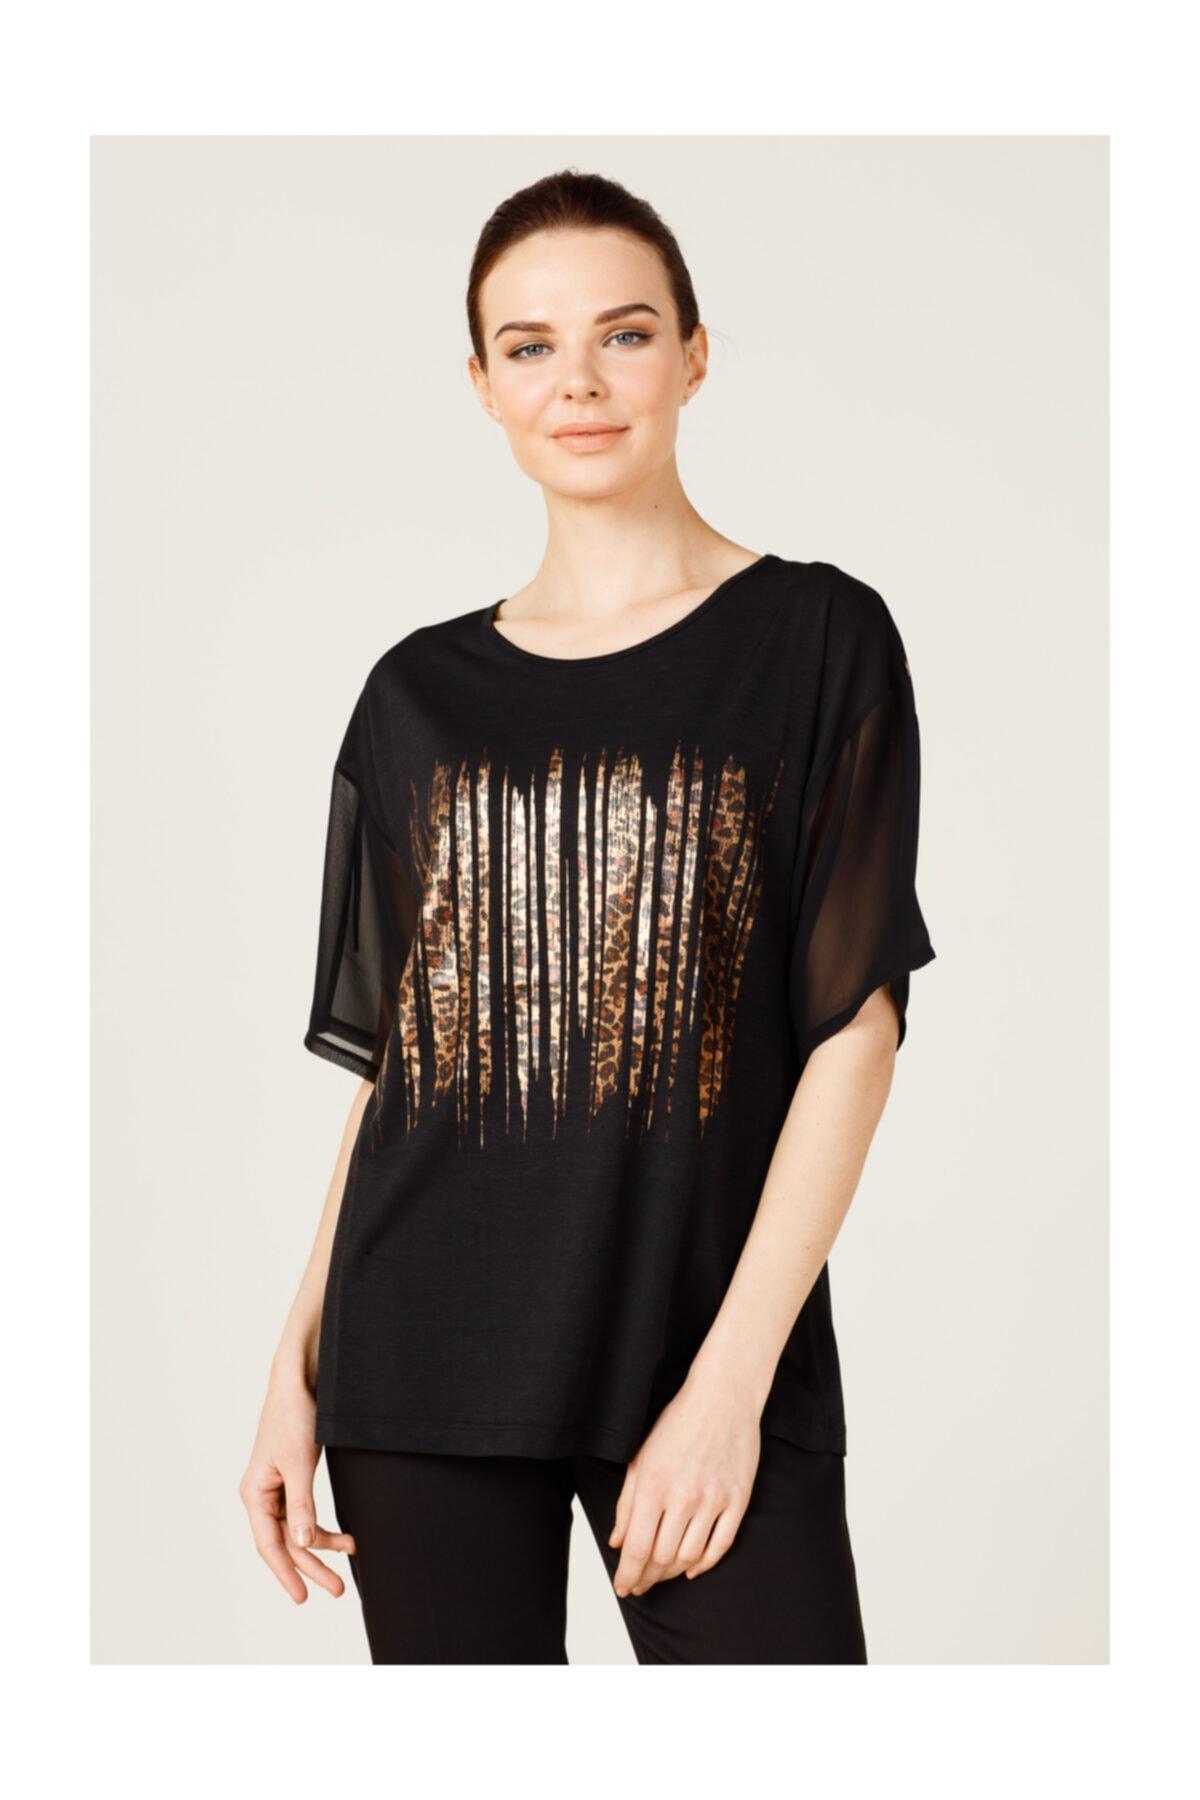 ON Önü Baskılı Kadın Tişört 2